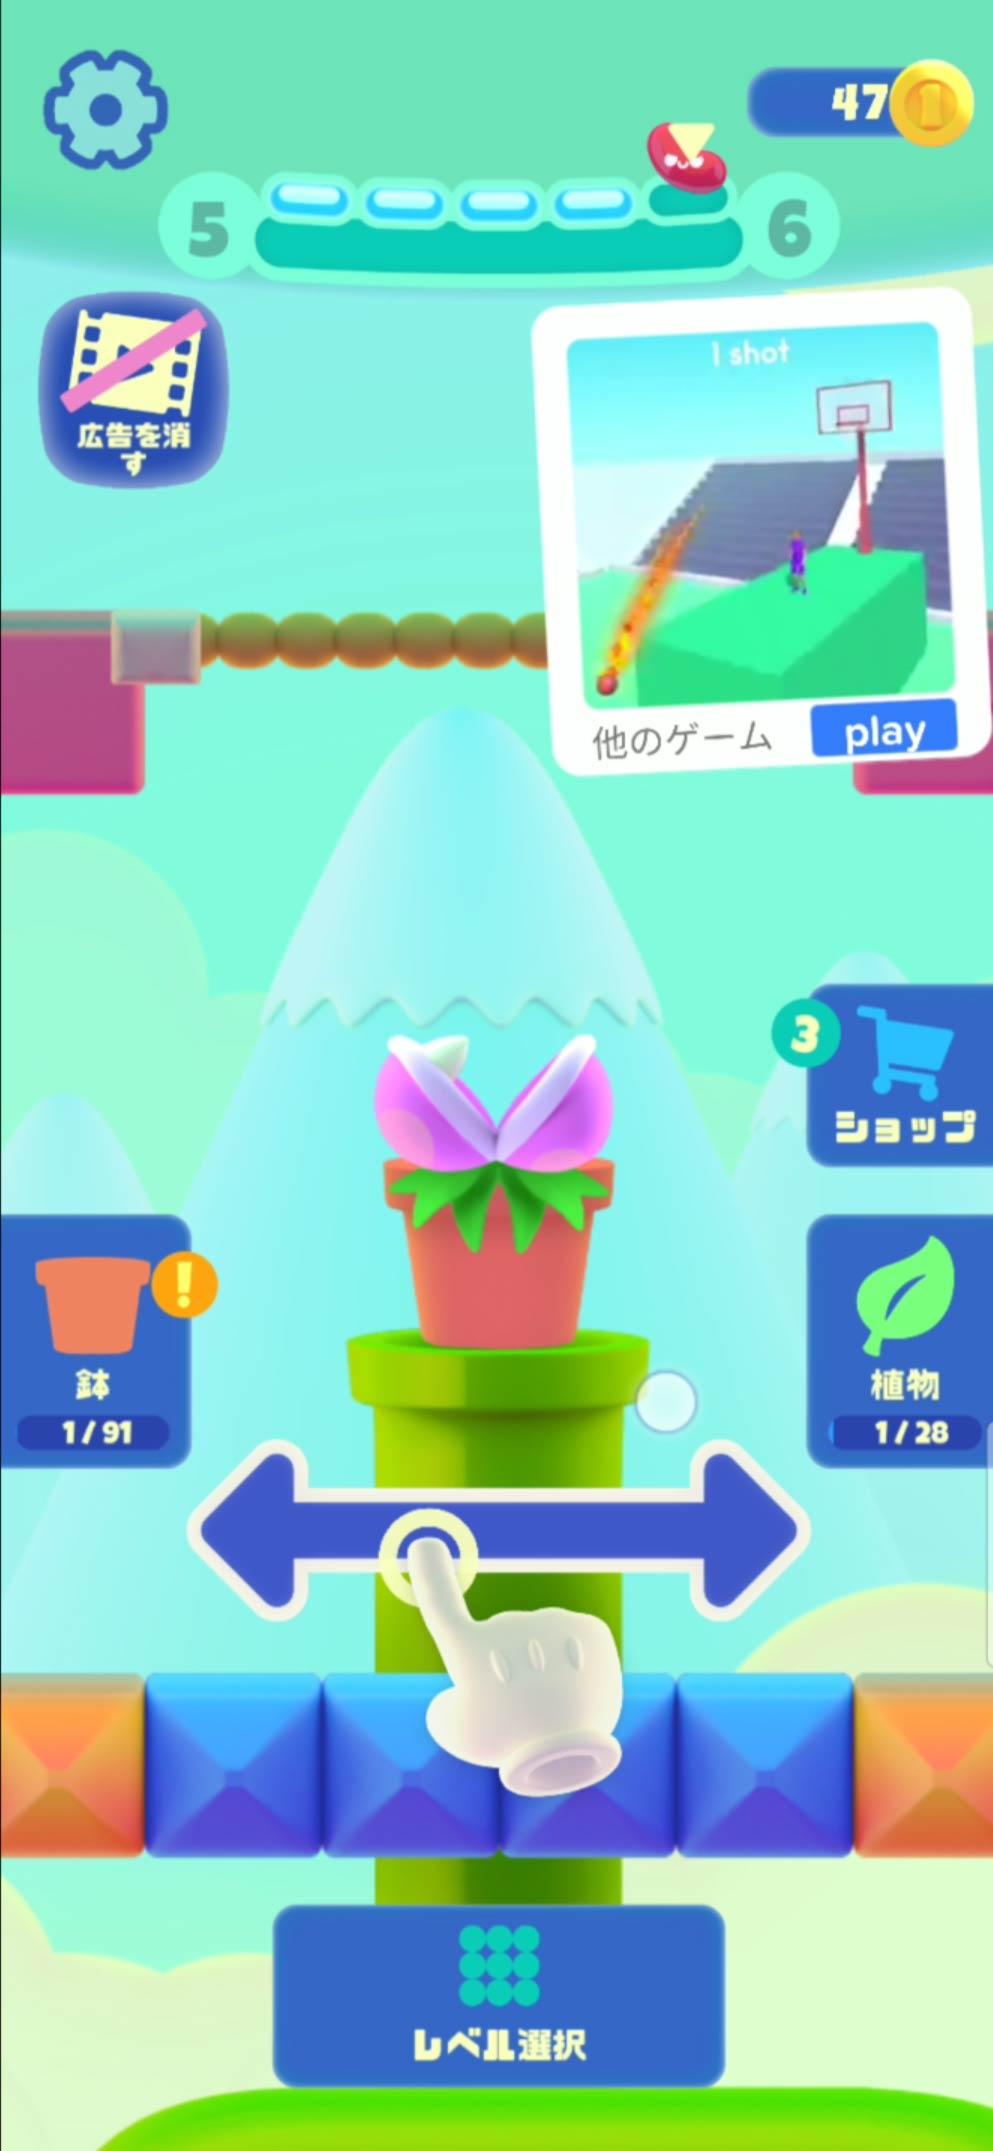 luckykatplant